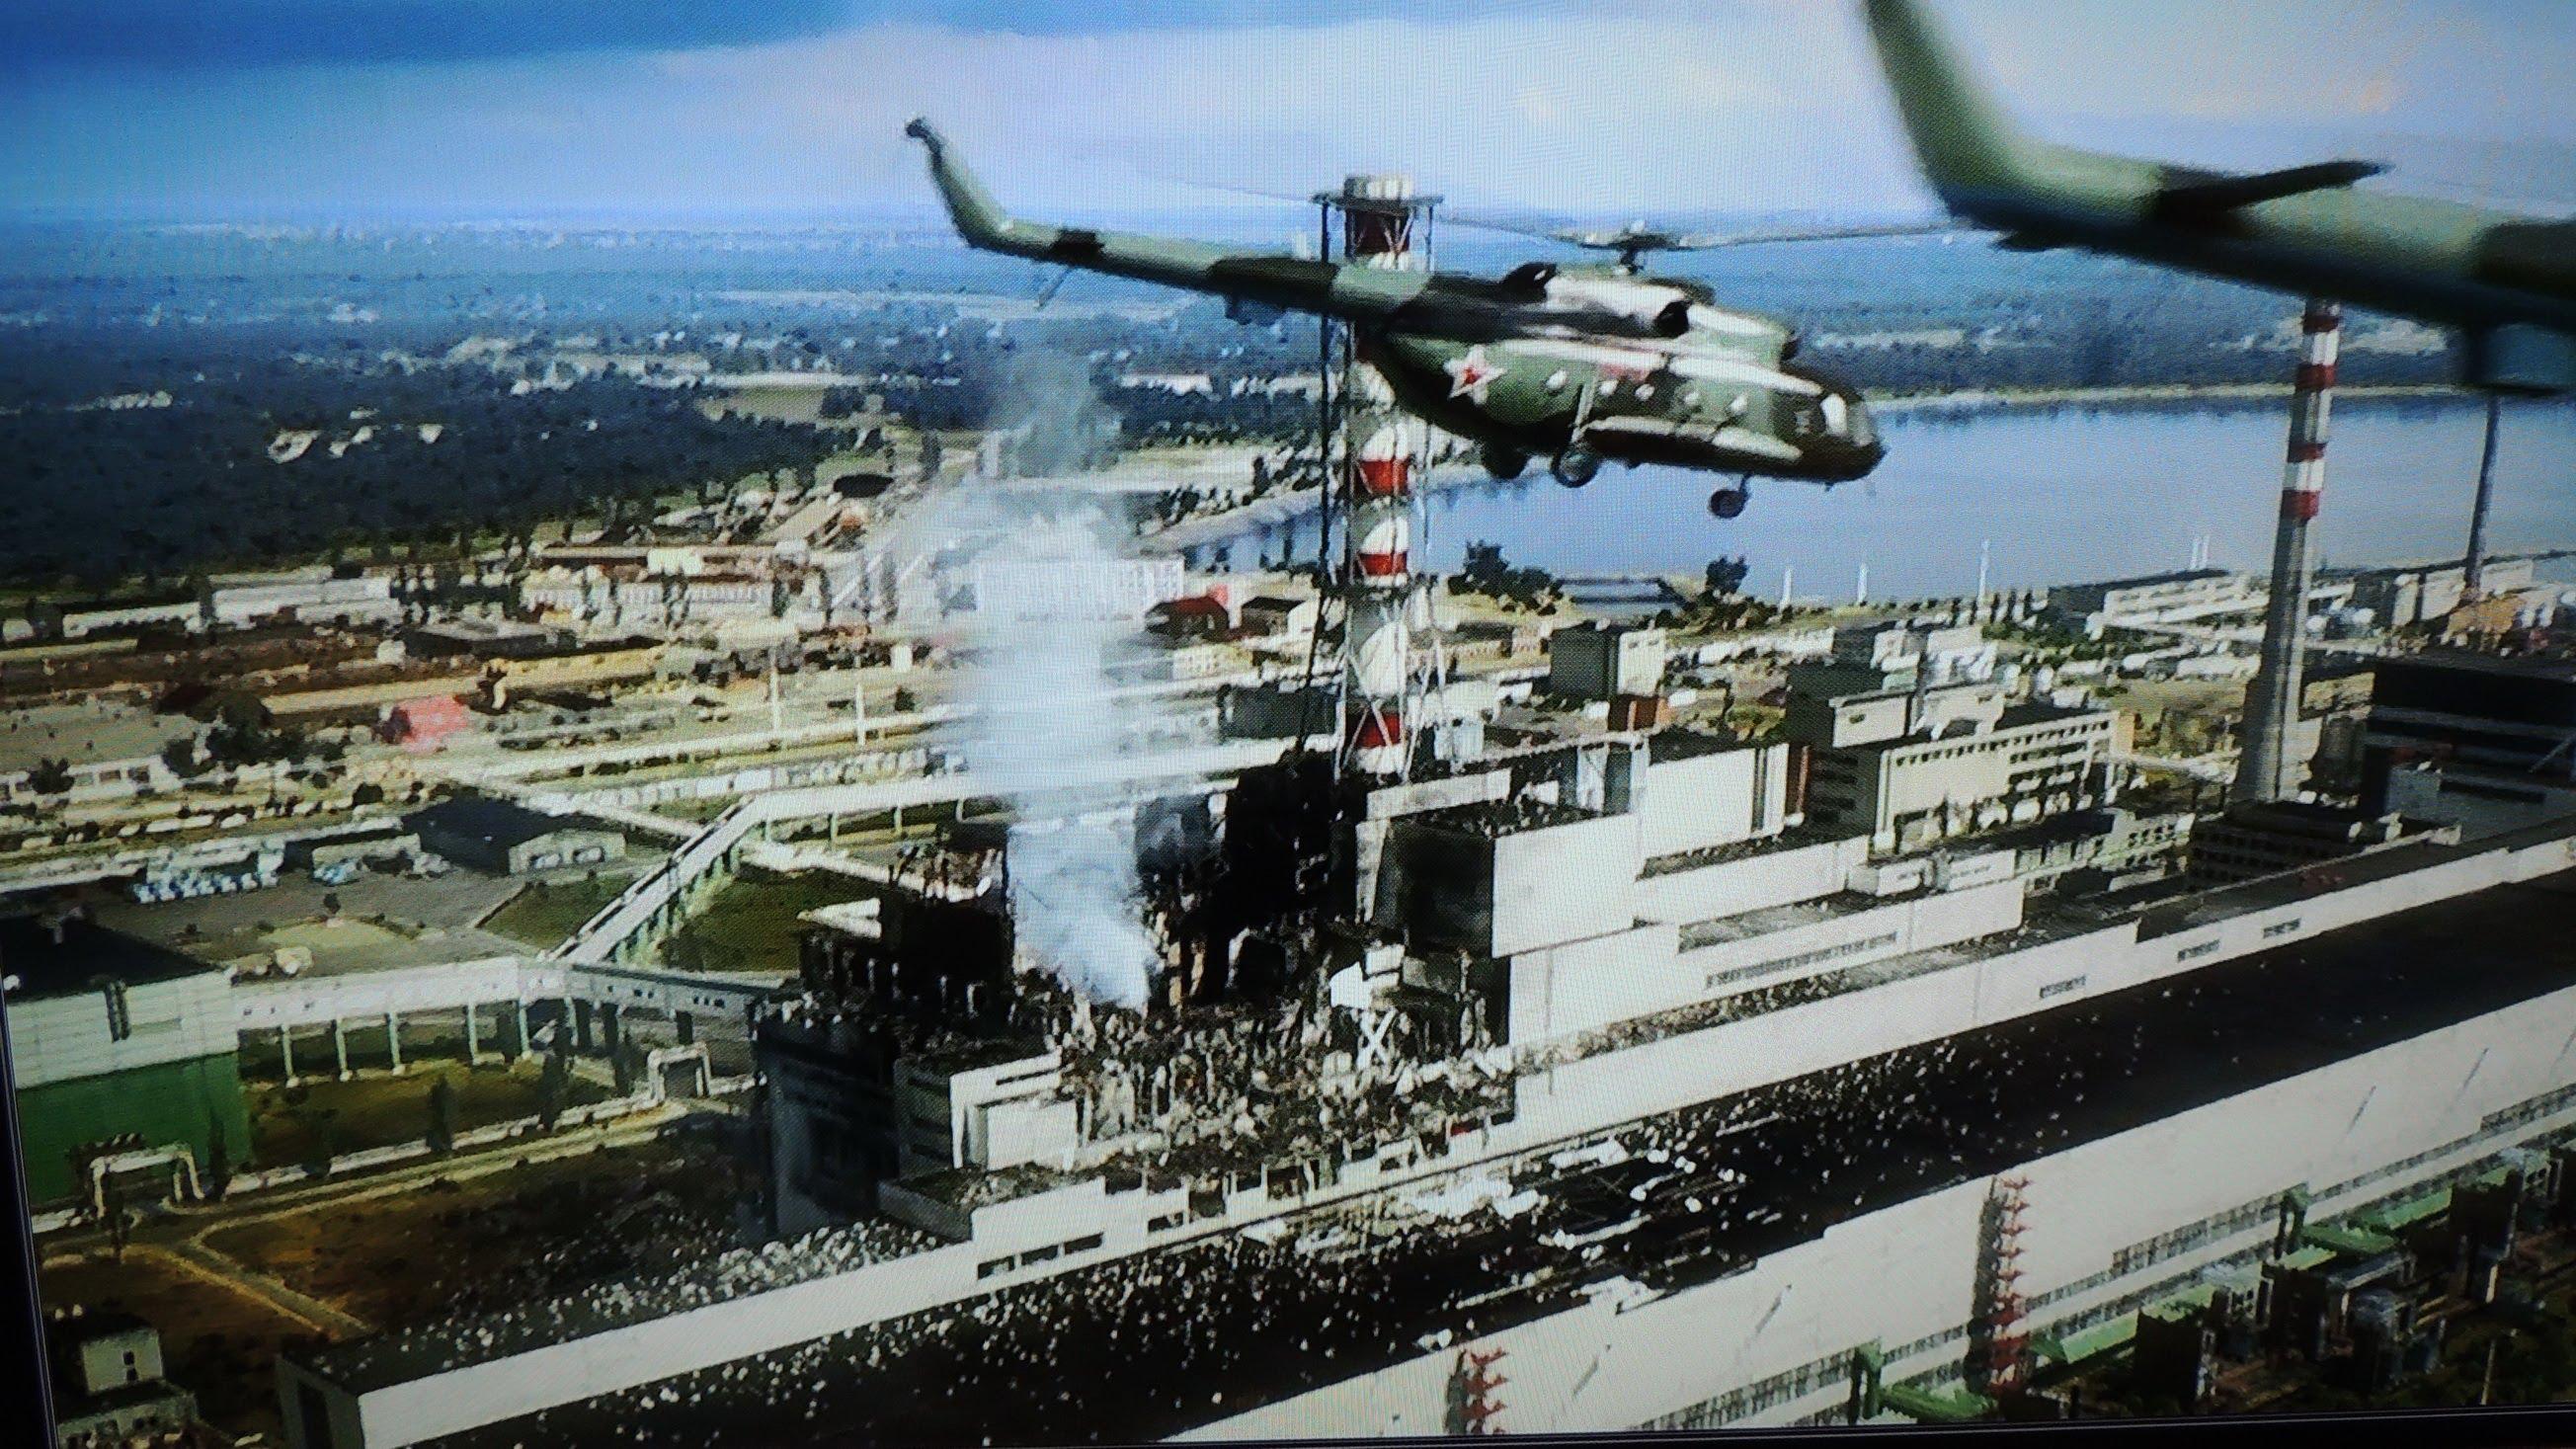 Чернобыльская аэс авария видео фото смотреть онлайн бесплатно